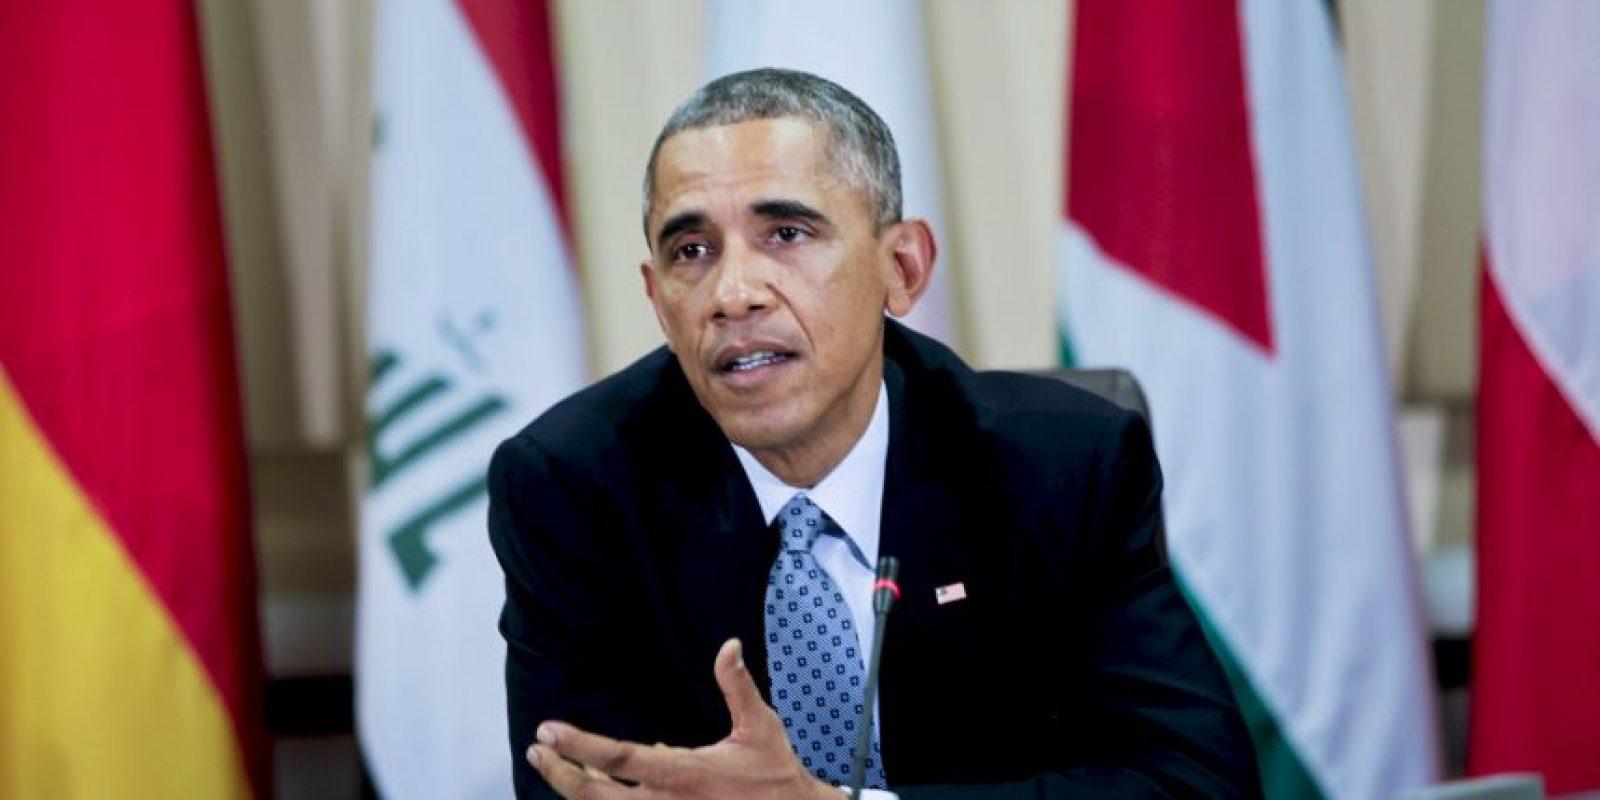 En octubre de 2014, Barack Obama se reunión con ministros de asuntos exteriores para detallar el plan de ataque contra ISIS Foto:Getty Images